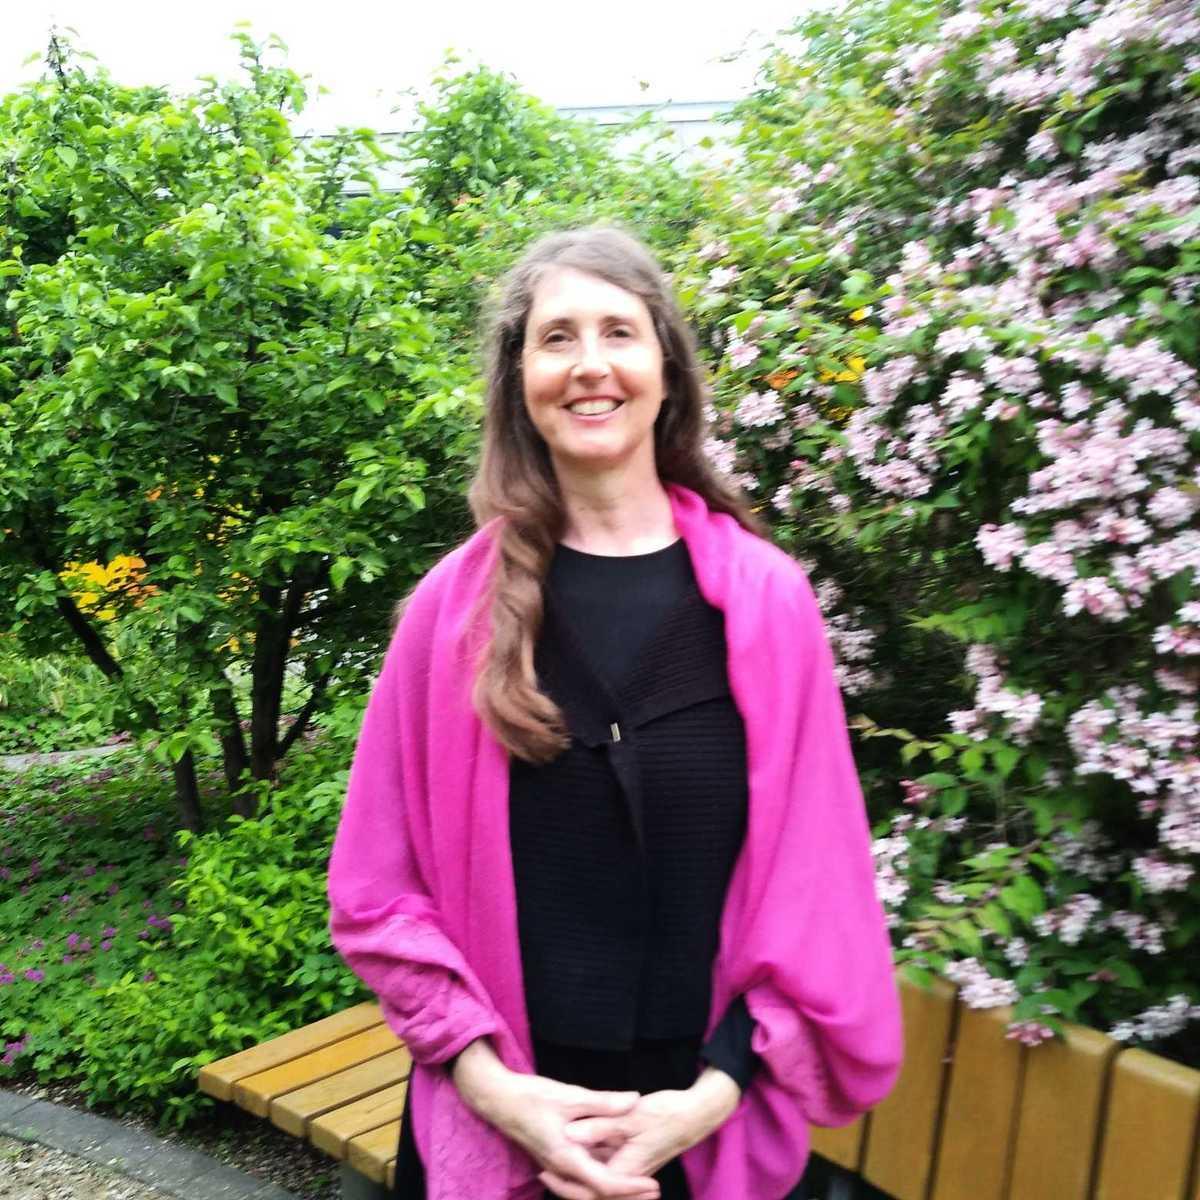 來自德國慕尼黑的語音治療師Christine Huttenhofer由衷感激法輪大法引領她走上修煉之路,性格由自閉變得開朗,猶如獲得了第二次生命。(受訪者提供)